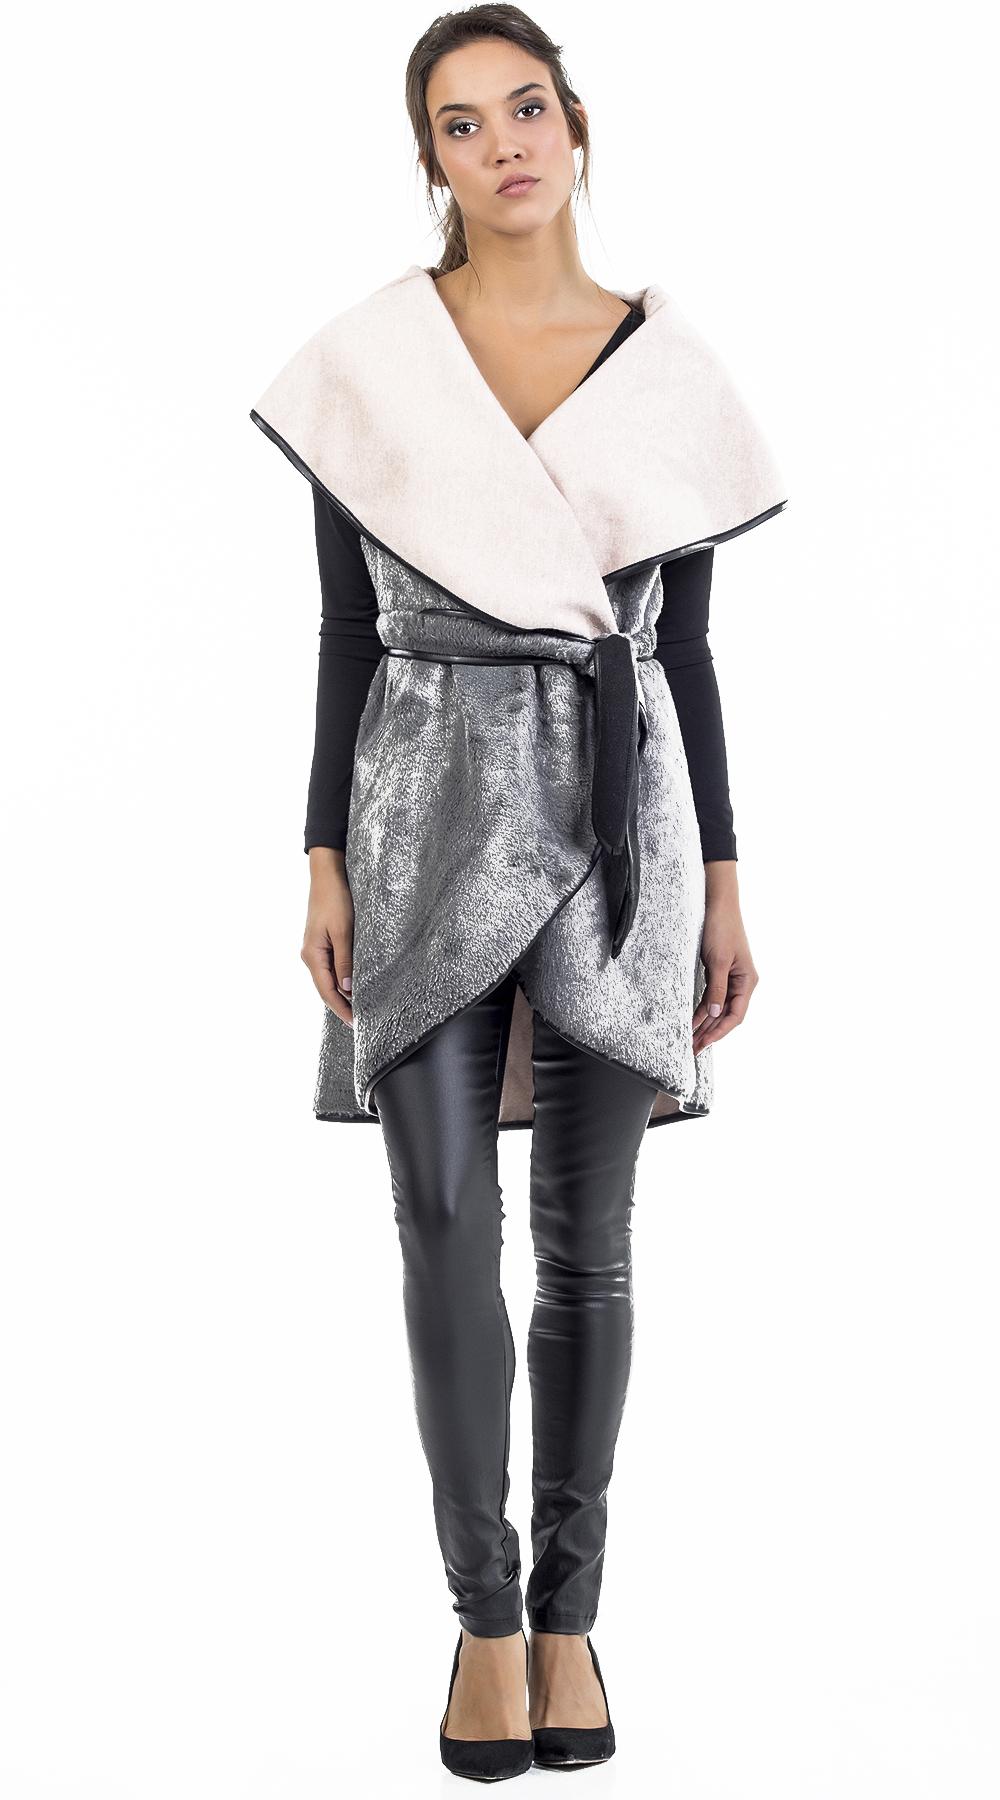 Γυναικείο γούνινο γιλέκο με ζώνη Online - OEM - FW17ON-47016 πανωφόρια ζακέτες